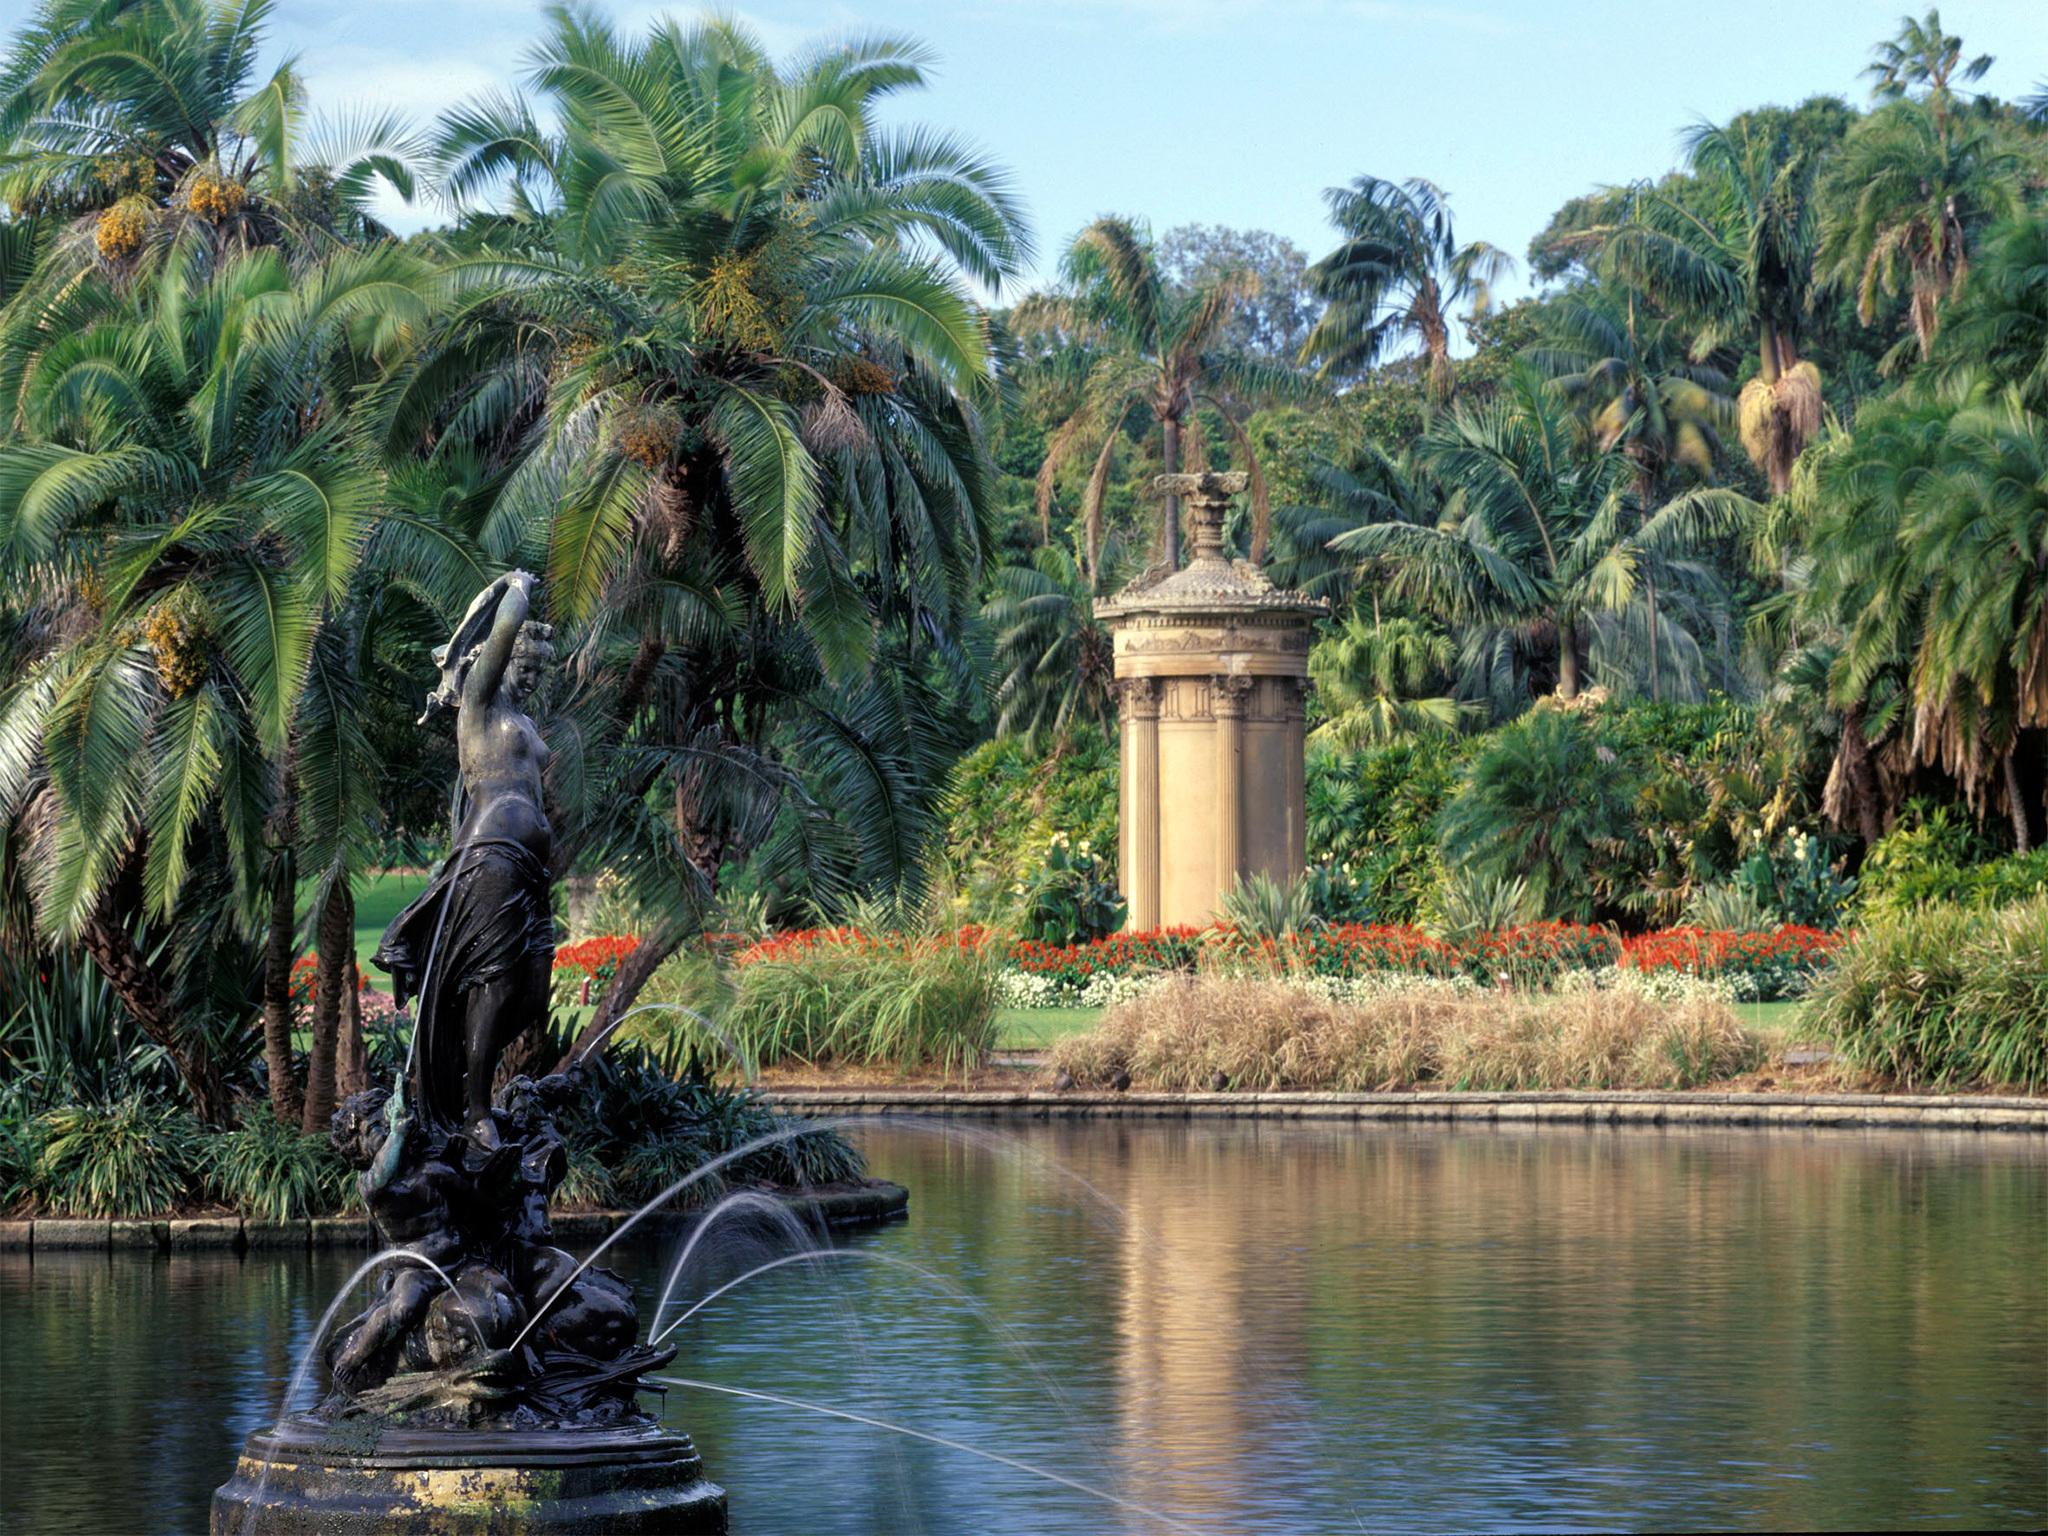 Venus in Pond at Royal Botanic Gardens, Sydney